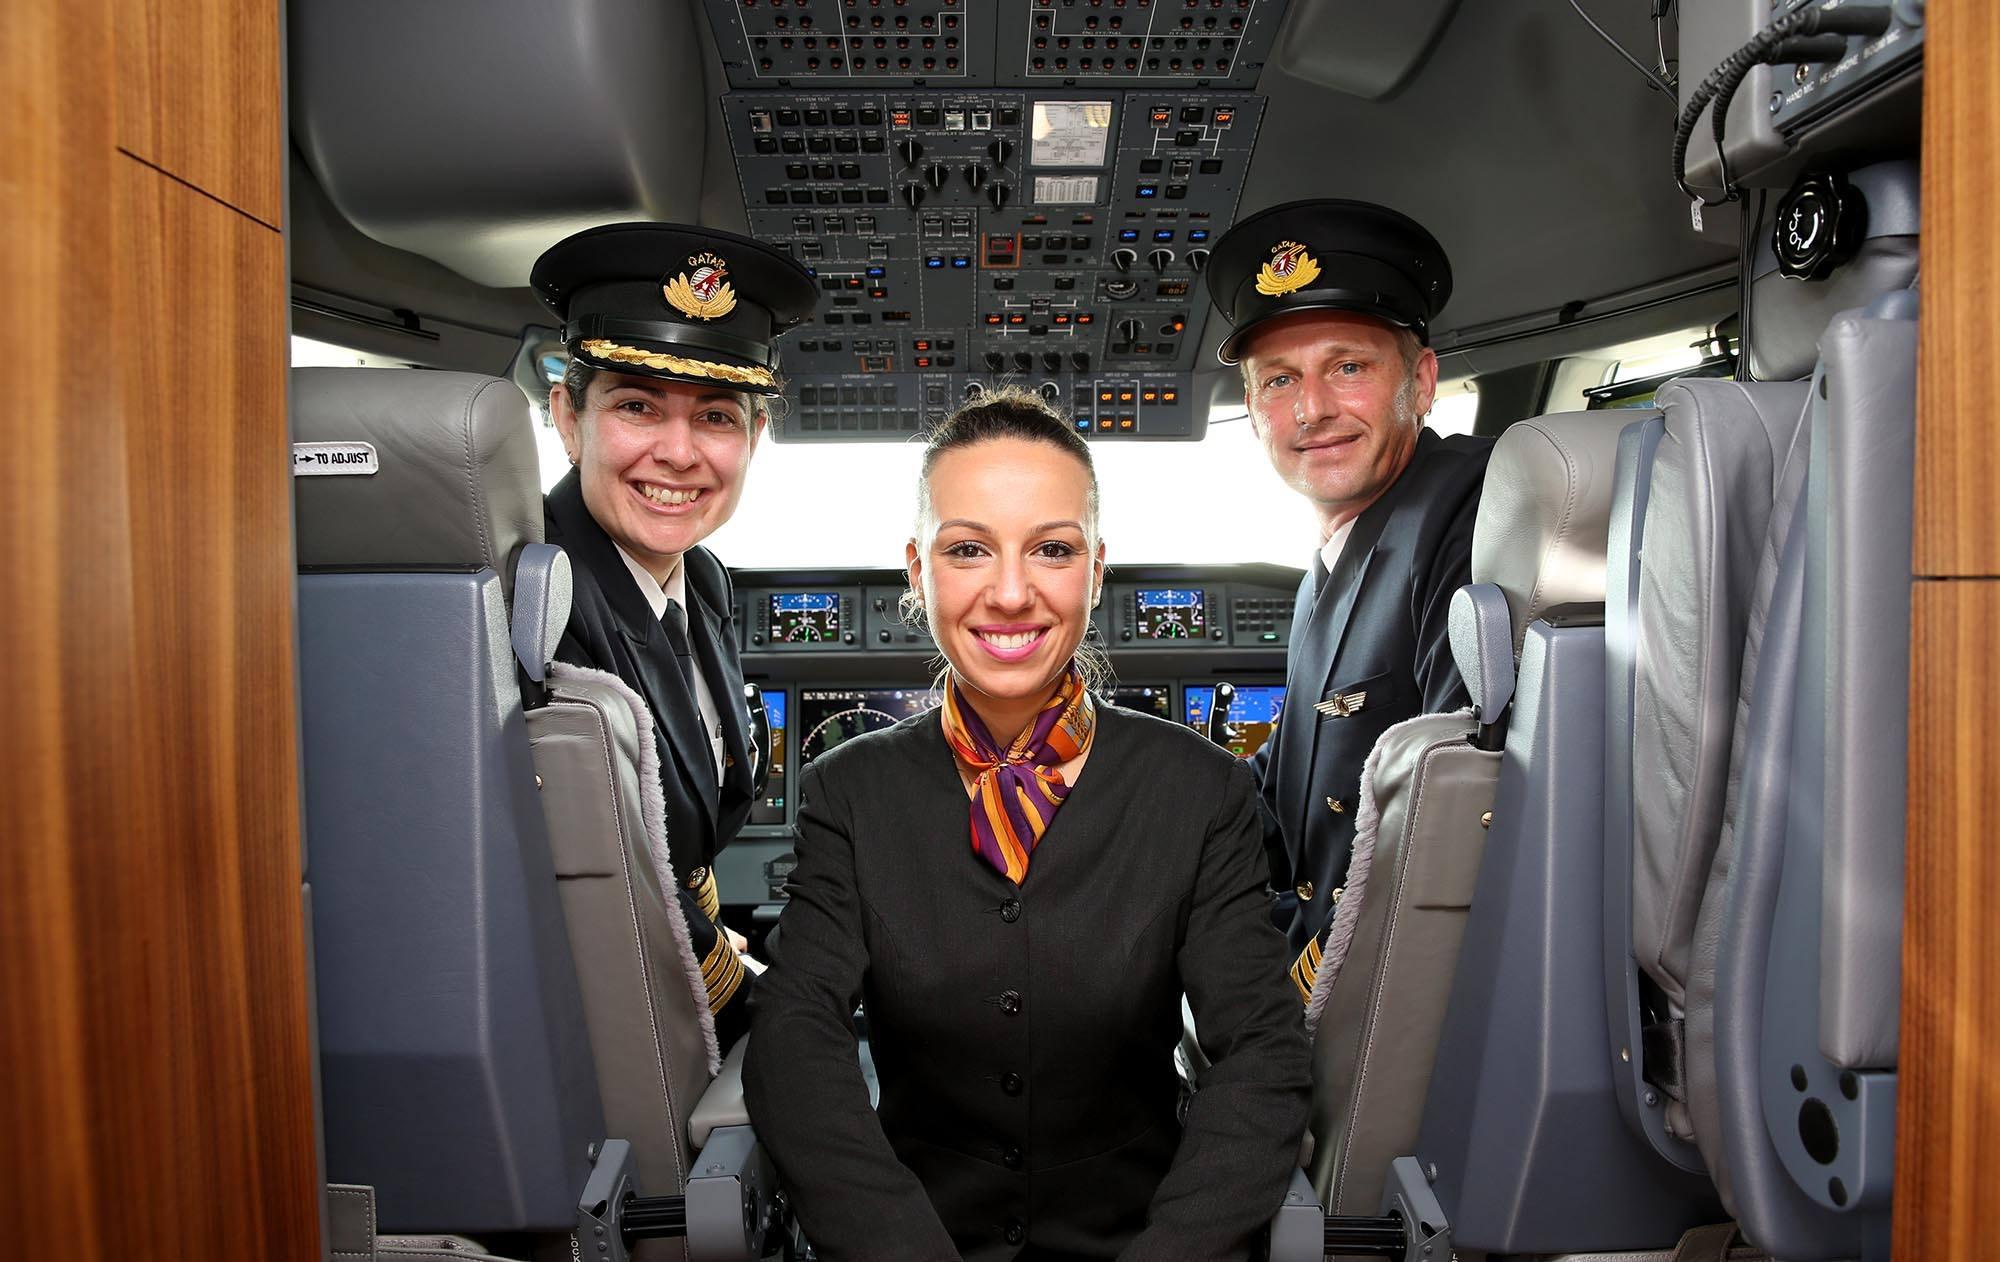 【qatar Airways】first Airline To Meet Icao 2021 Flight